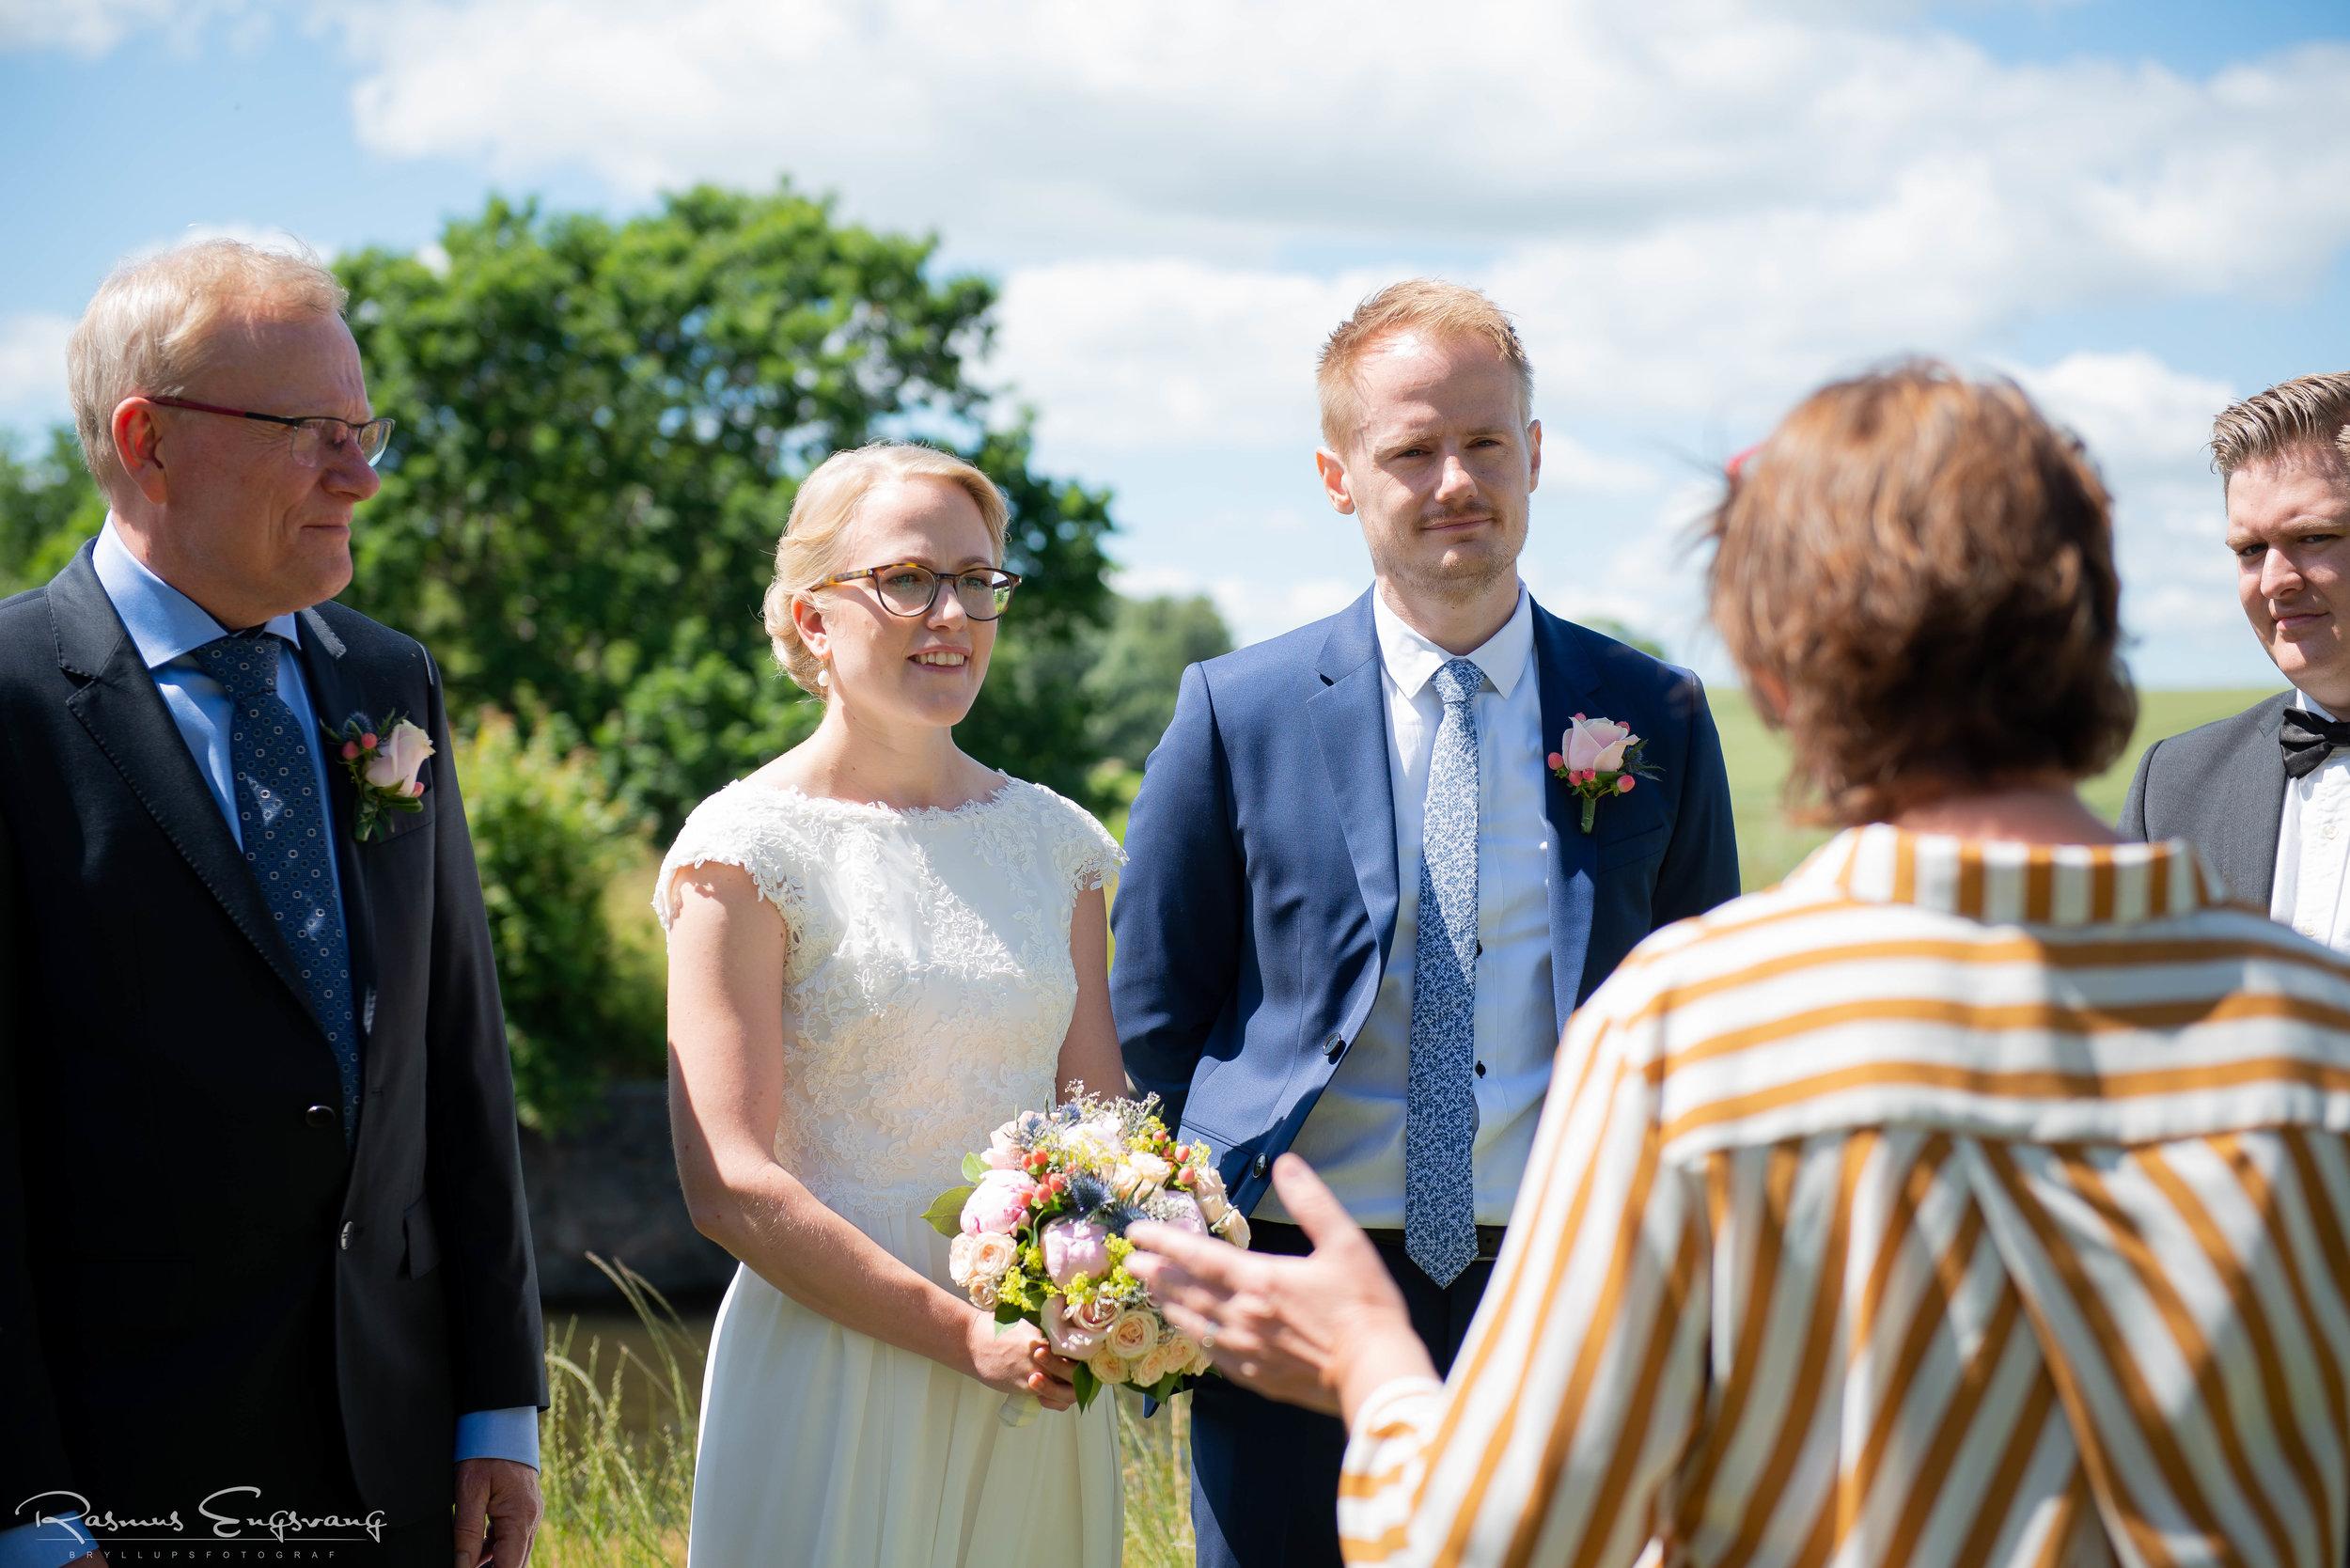 103_Bryllup_Kattinge Værk_Natur_Vielse.jpg